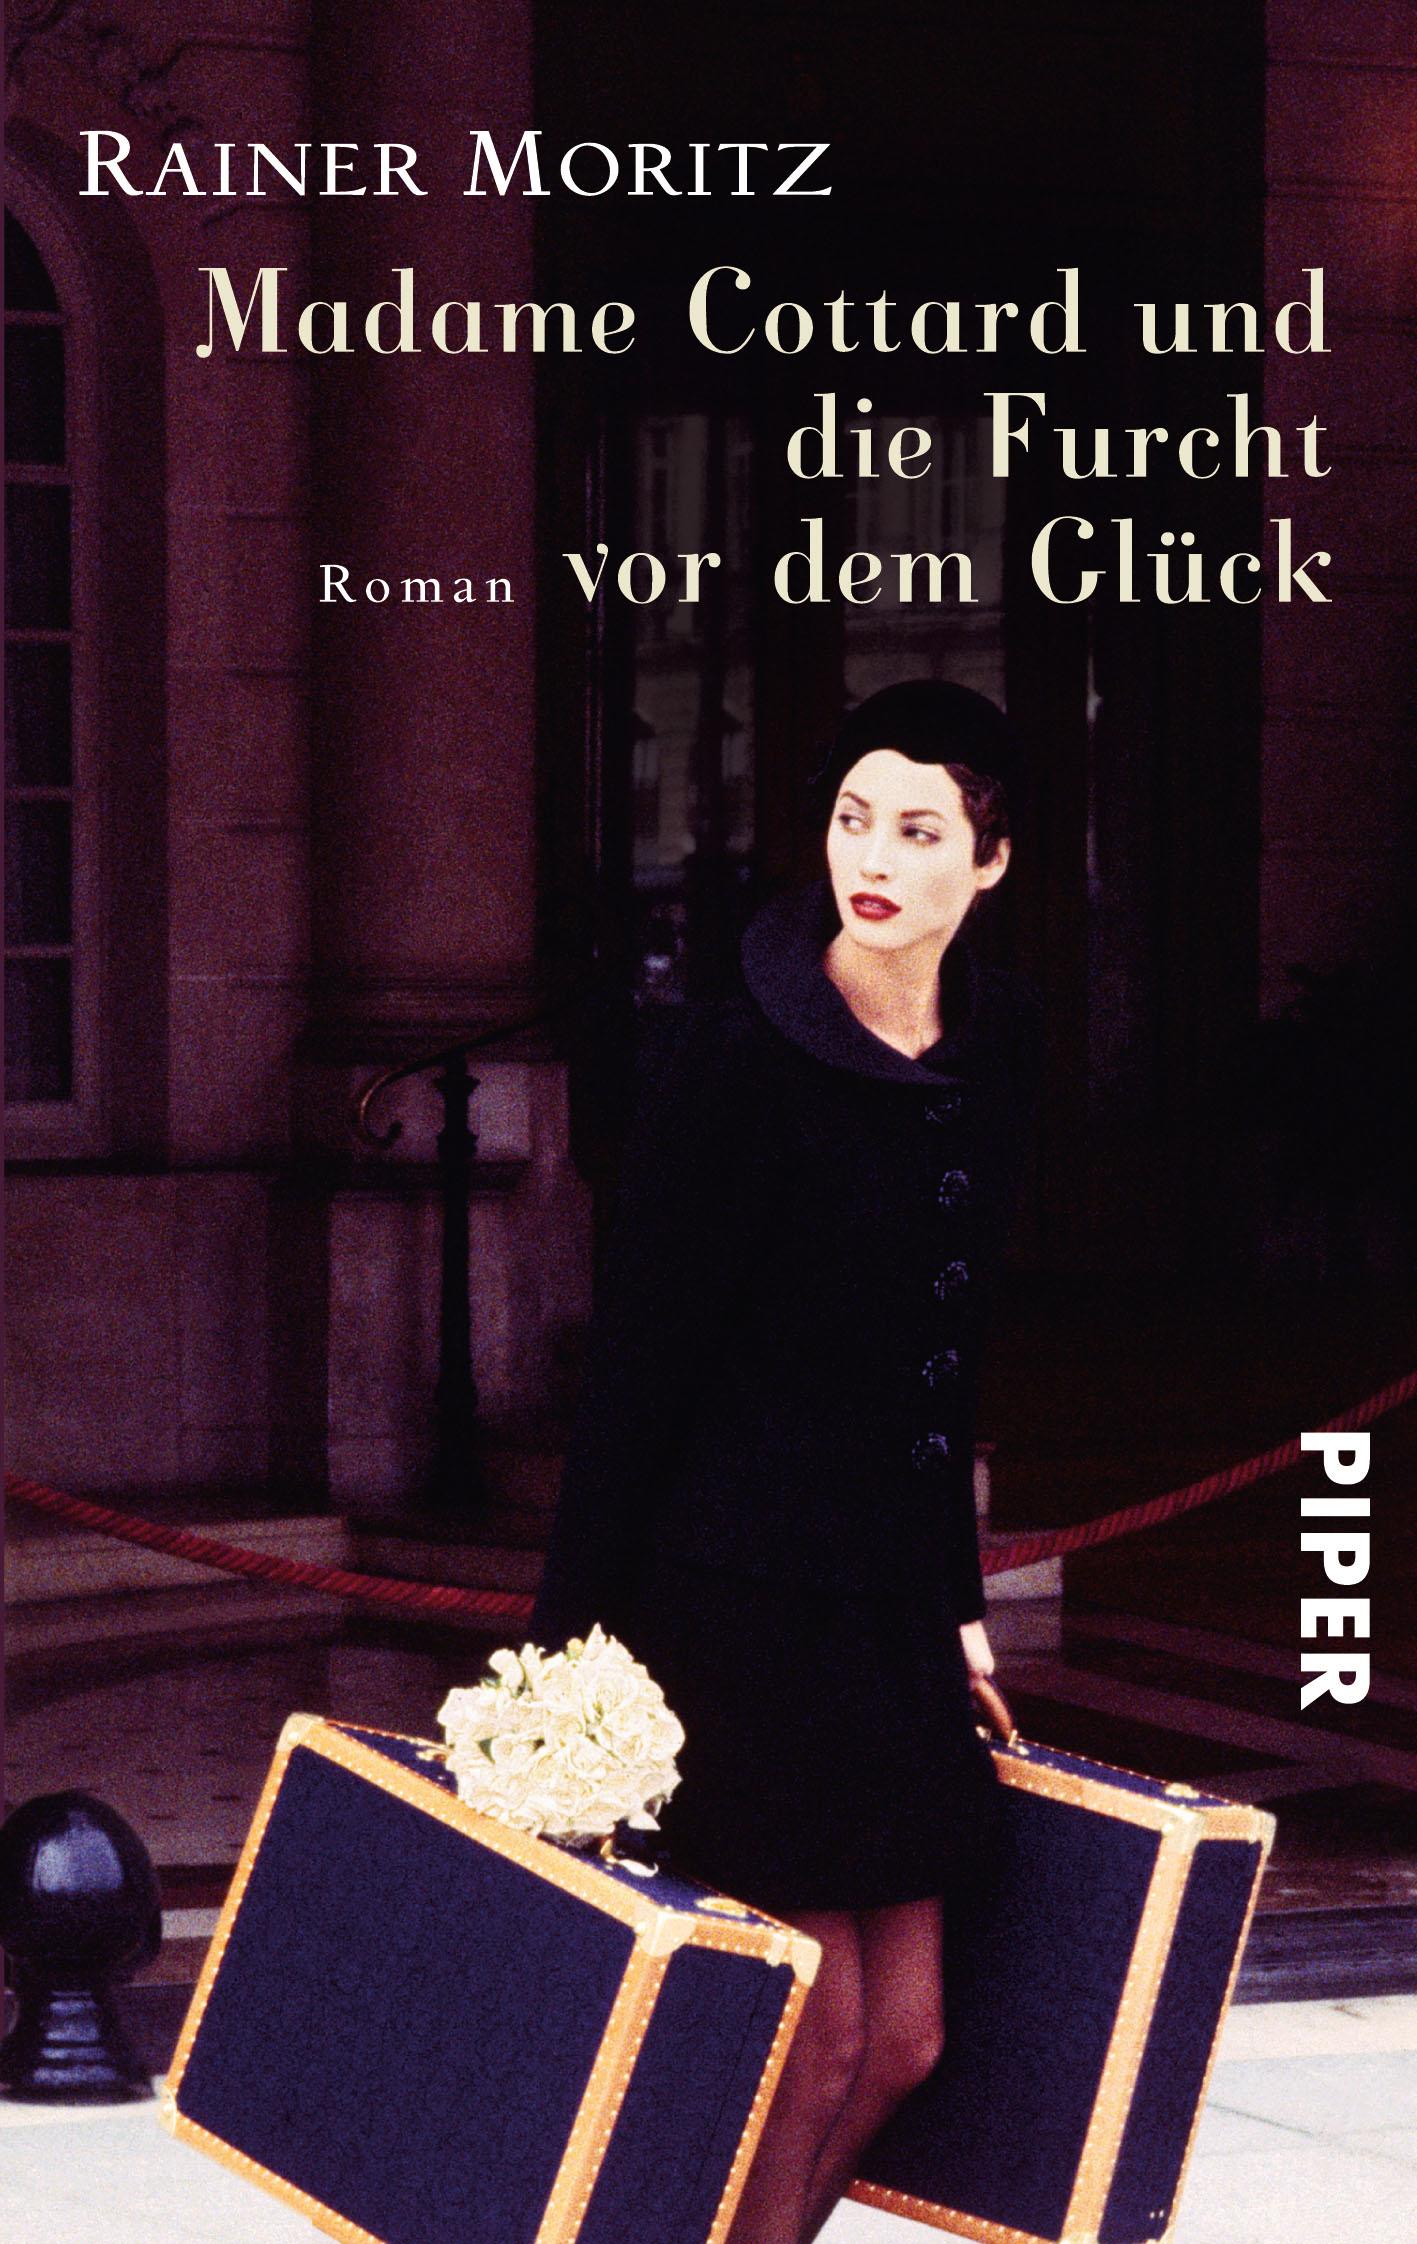 Madame Cottard und die Furcht vor dem Glück: Roman - Rainer Moritz